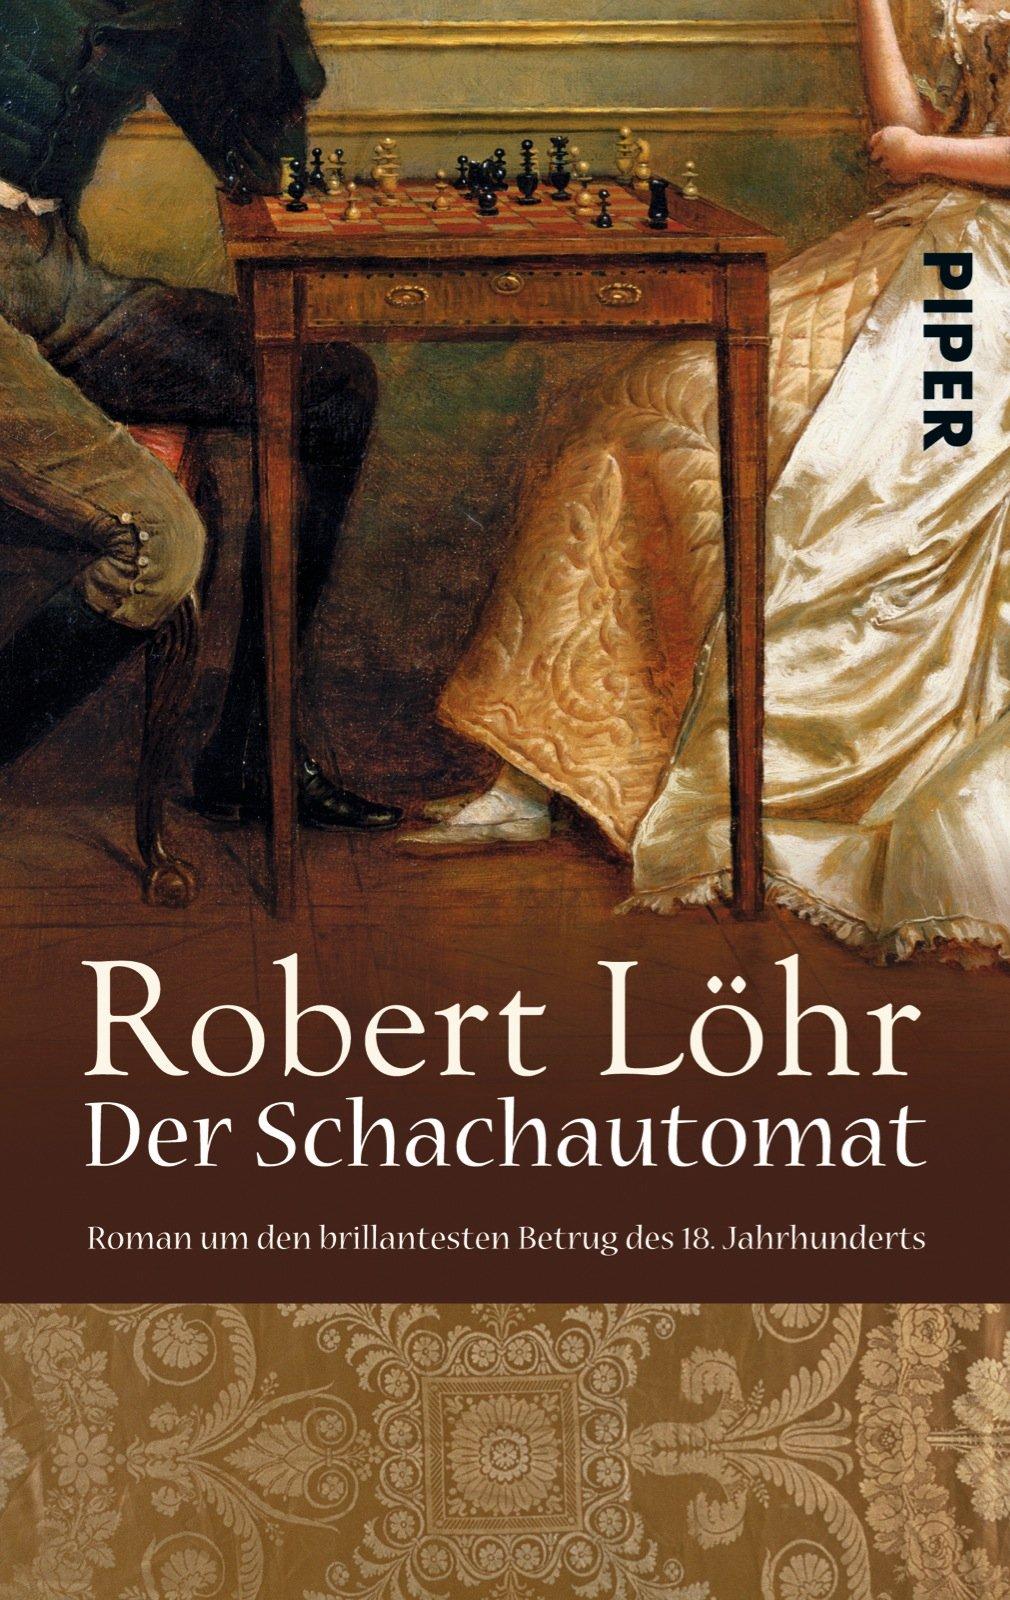 der-schachautomat-roman-um-den-brillantesten-betrug-des-18-jahrhunderts